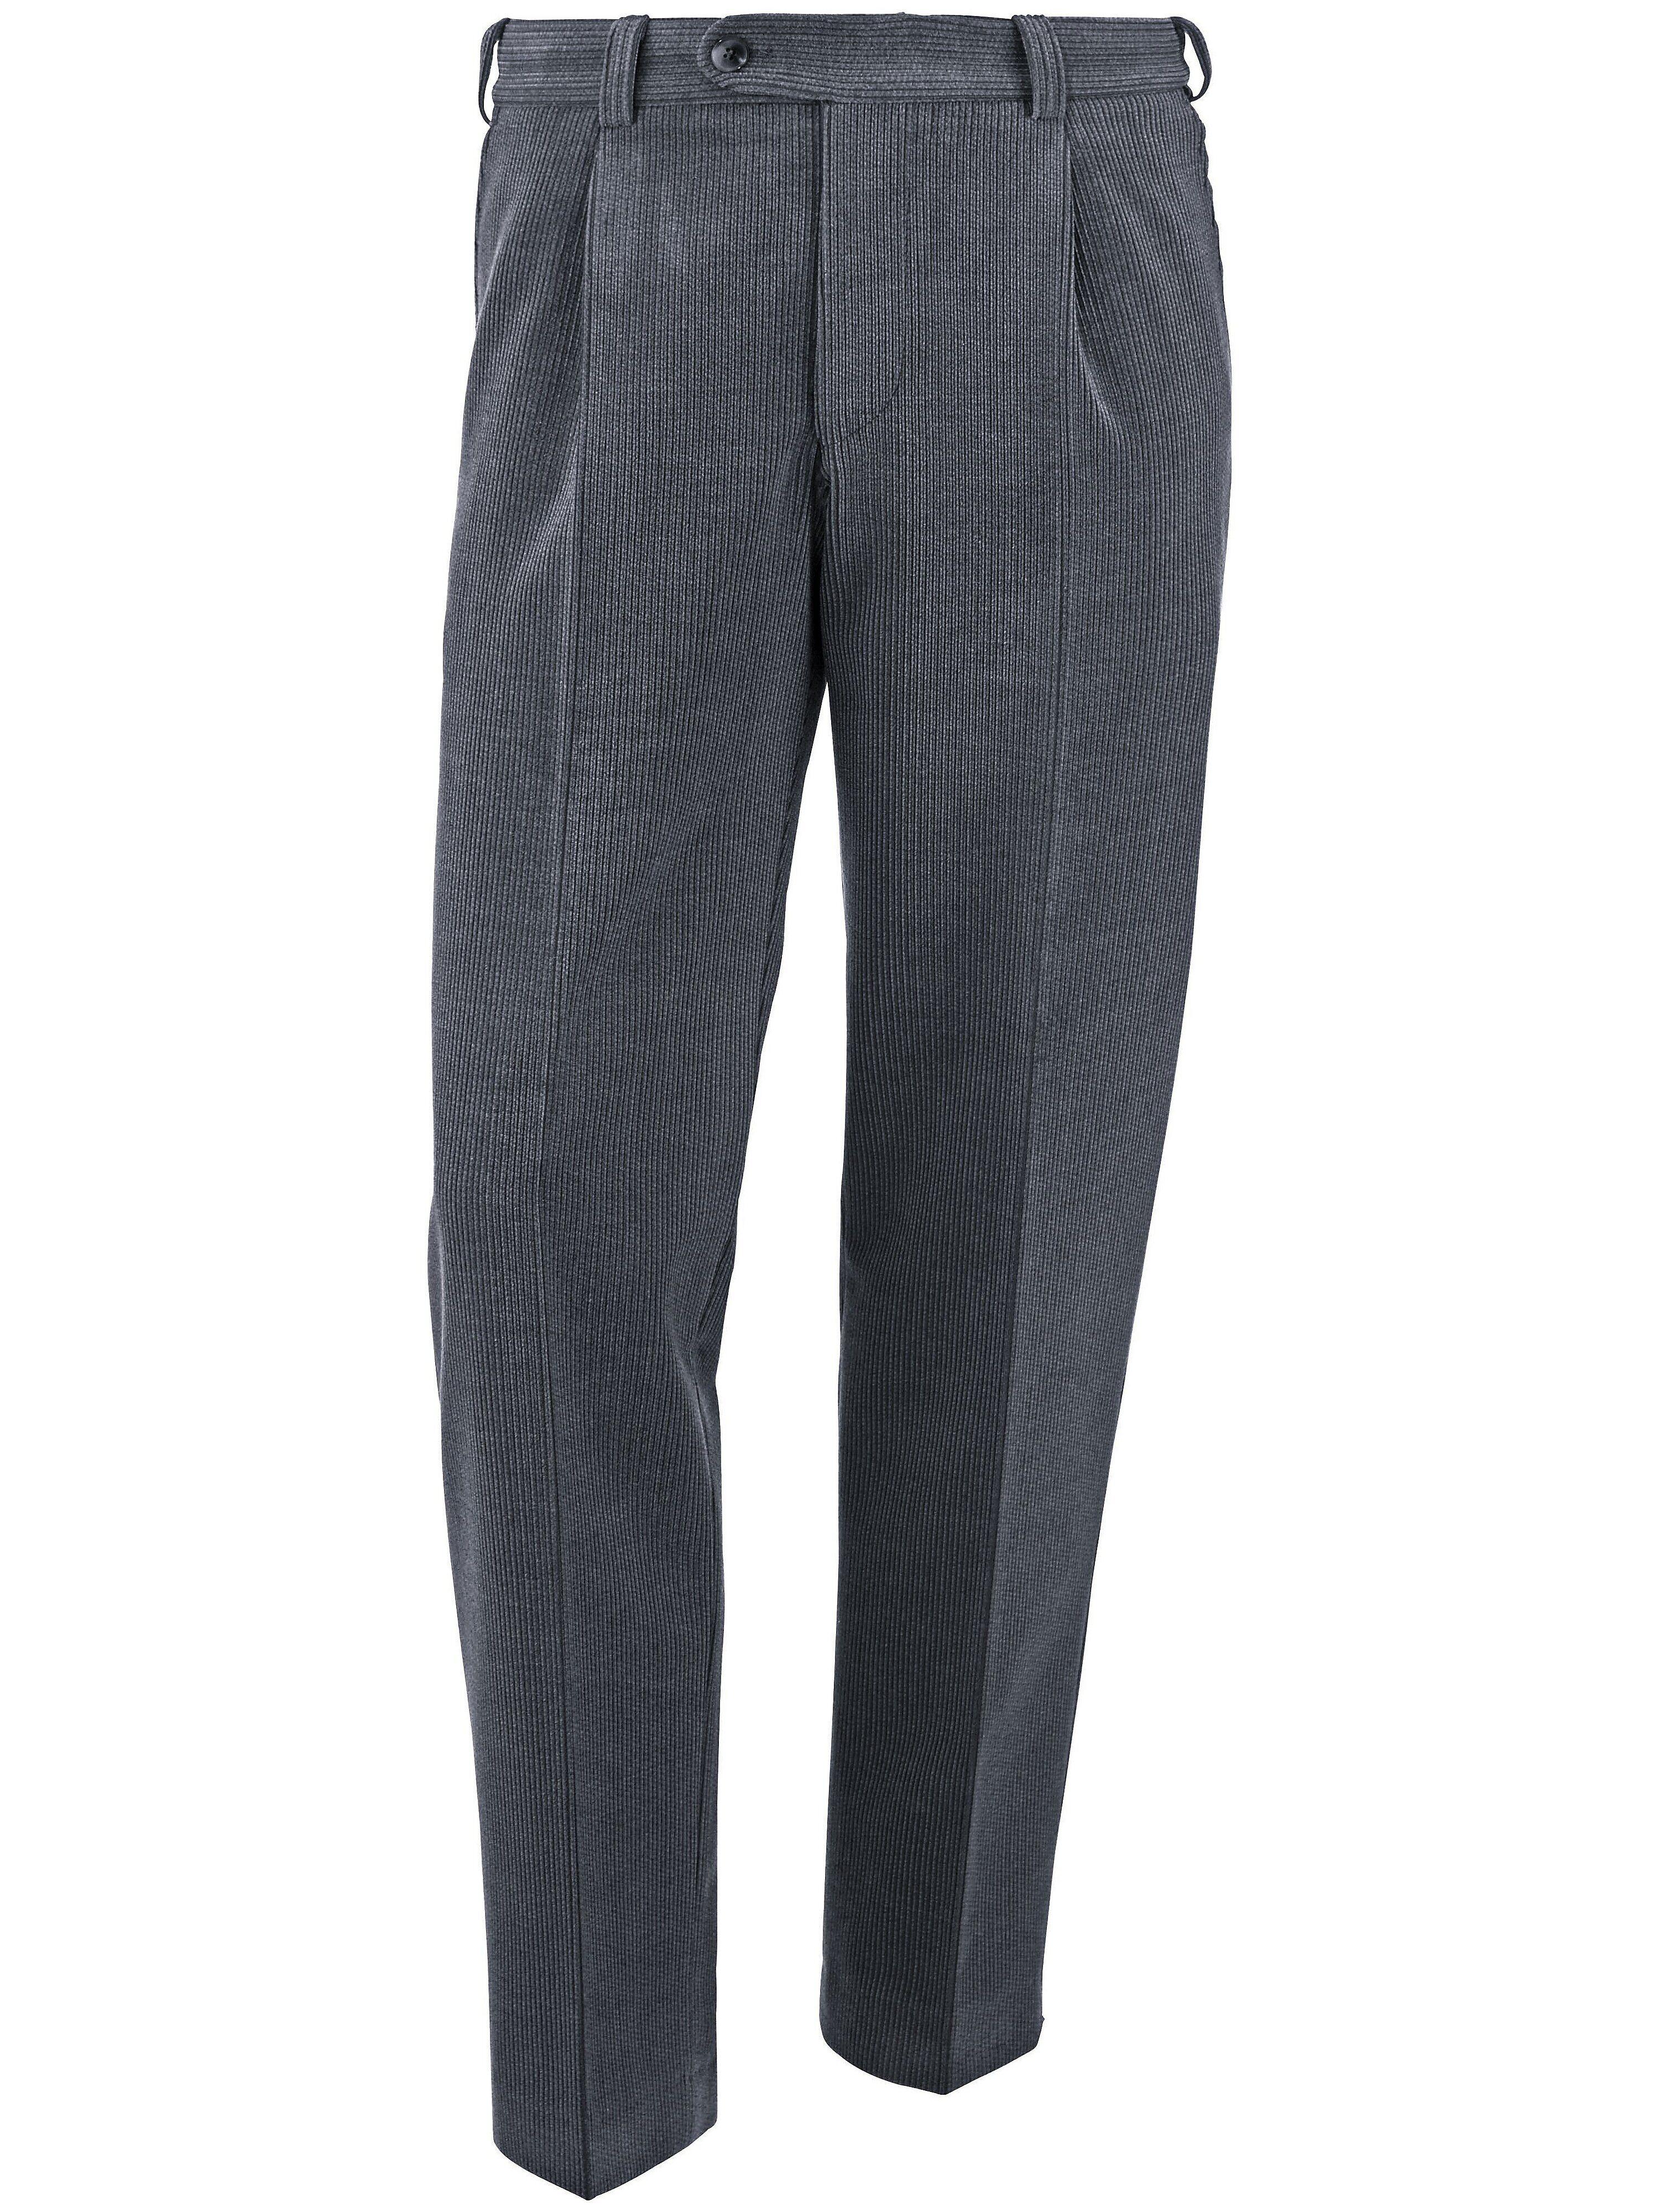 Brax Le pantalon à pinces modèle Luis  Eurex by Brax gris  - Homme - 25